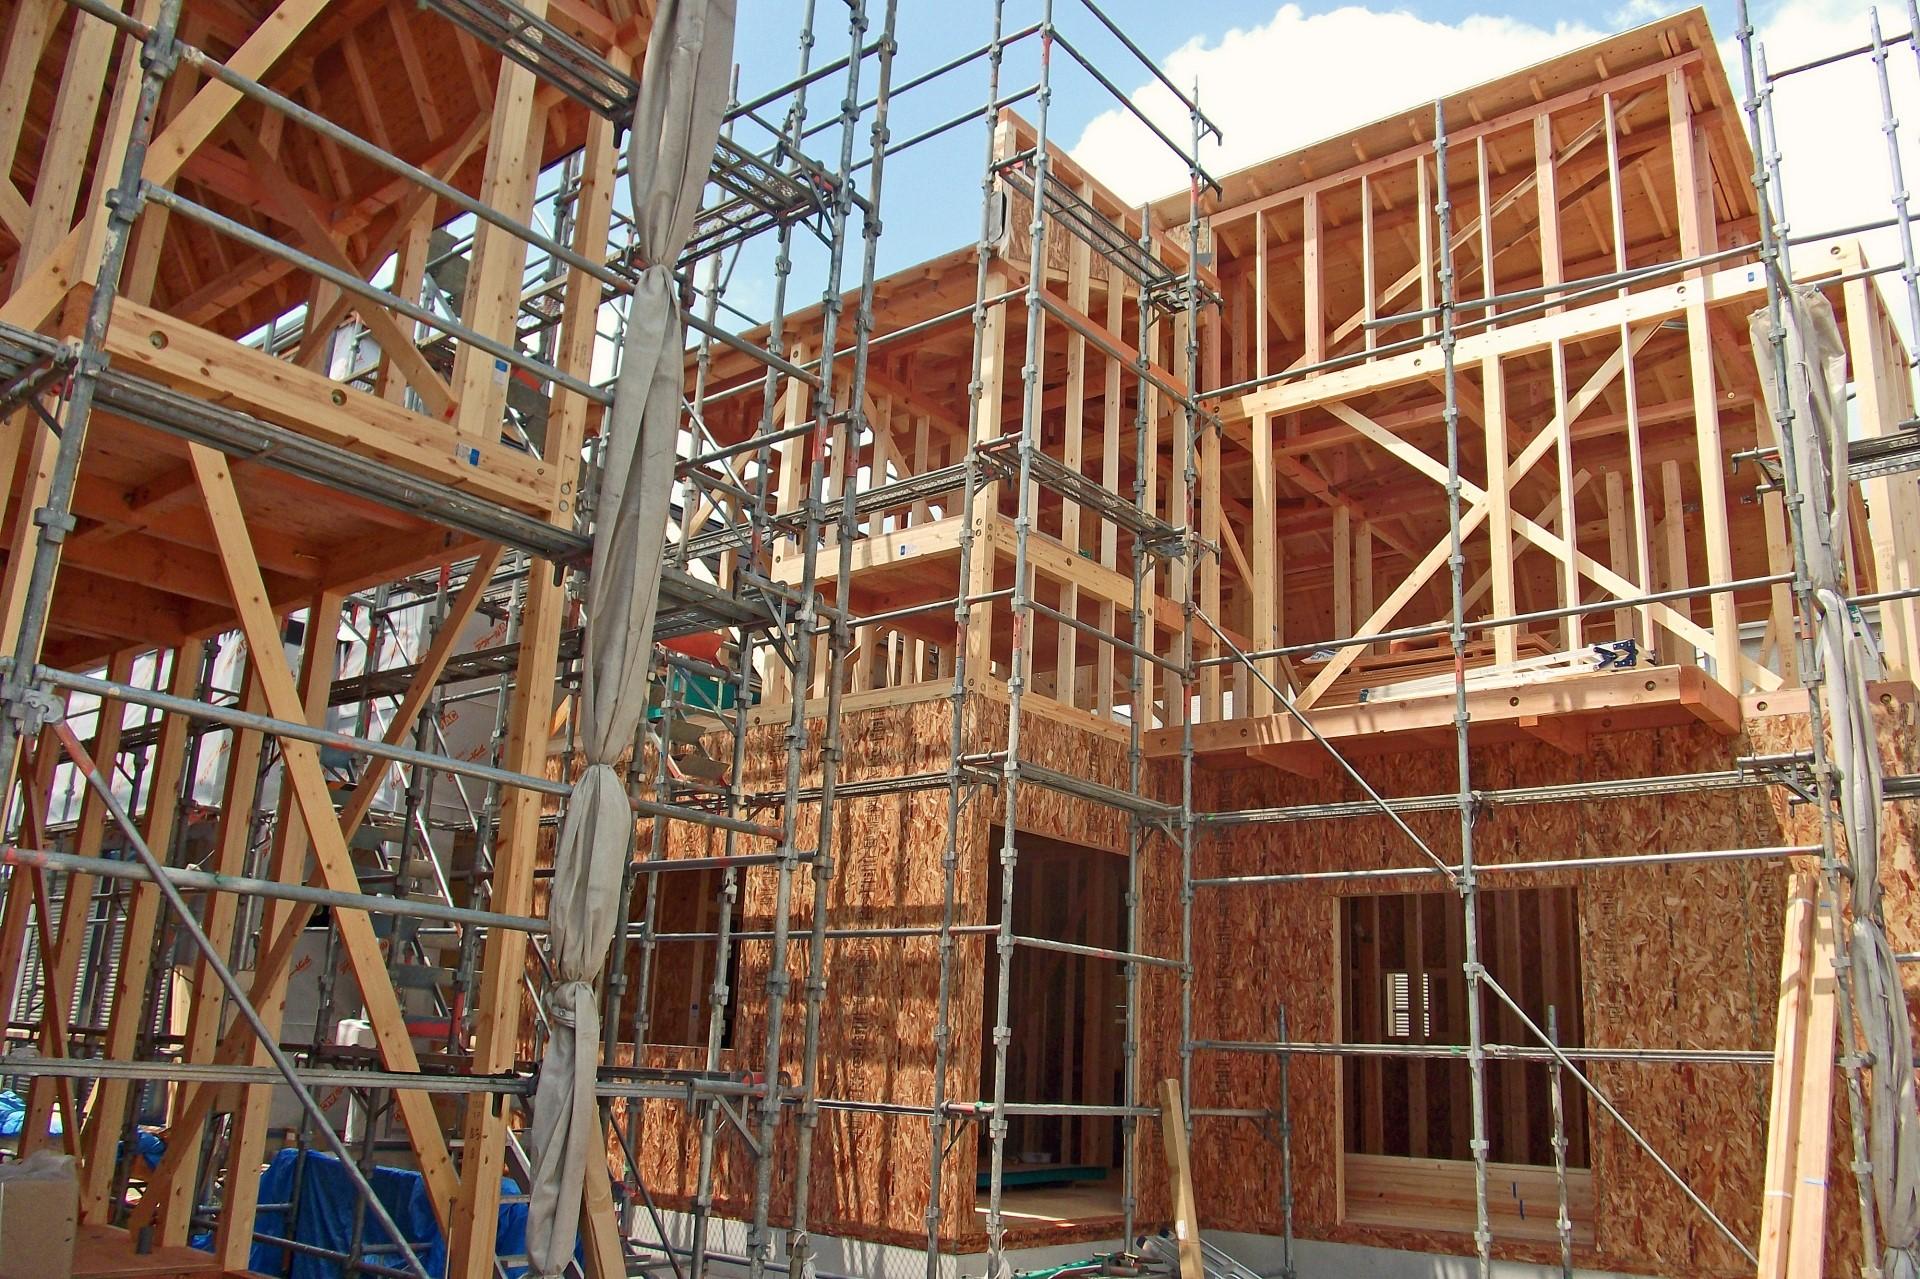 建設会社が狙うべき大規模木造建築の商品とは?